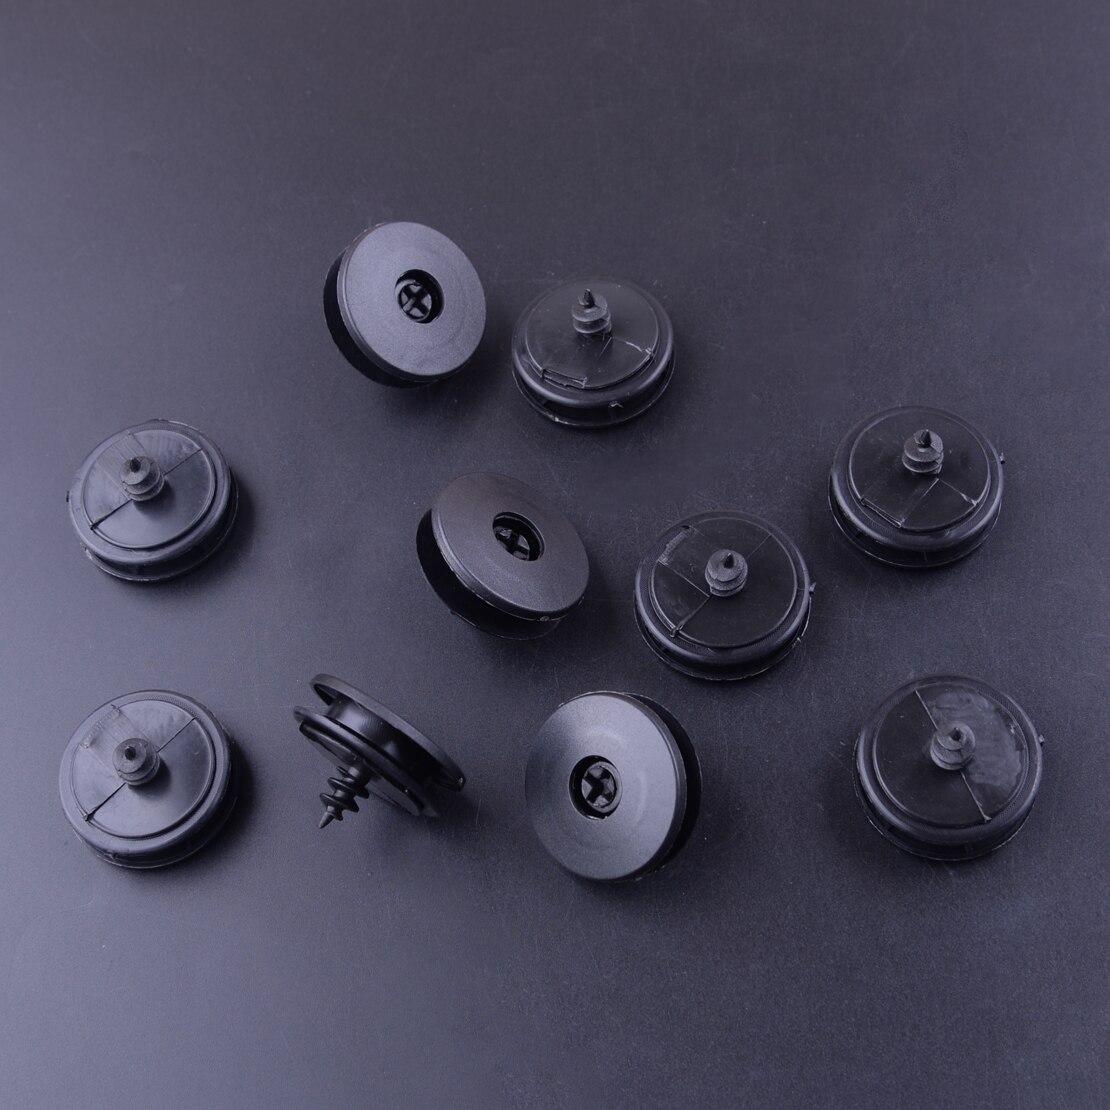 Alfombra Interior de plástico negro para coche de 30 Uds. CITALL, estera de suelo, sujeción de tornillo de retención antideslizante, Clips de sujeción de retenedor